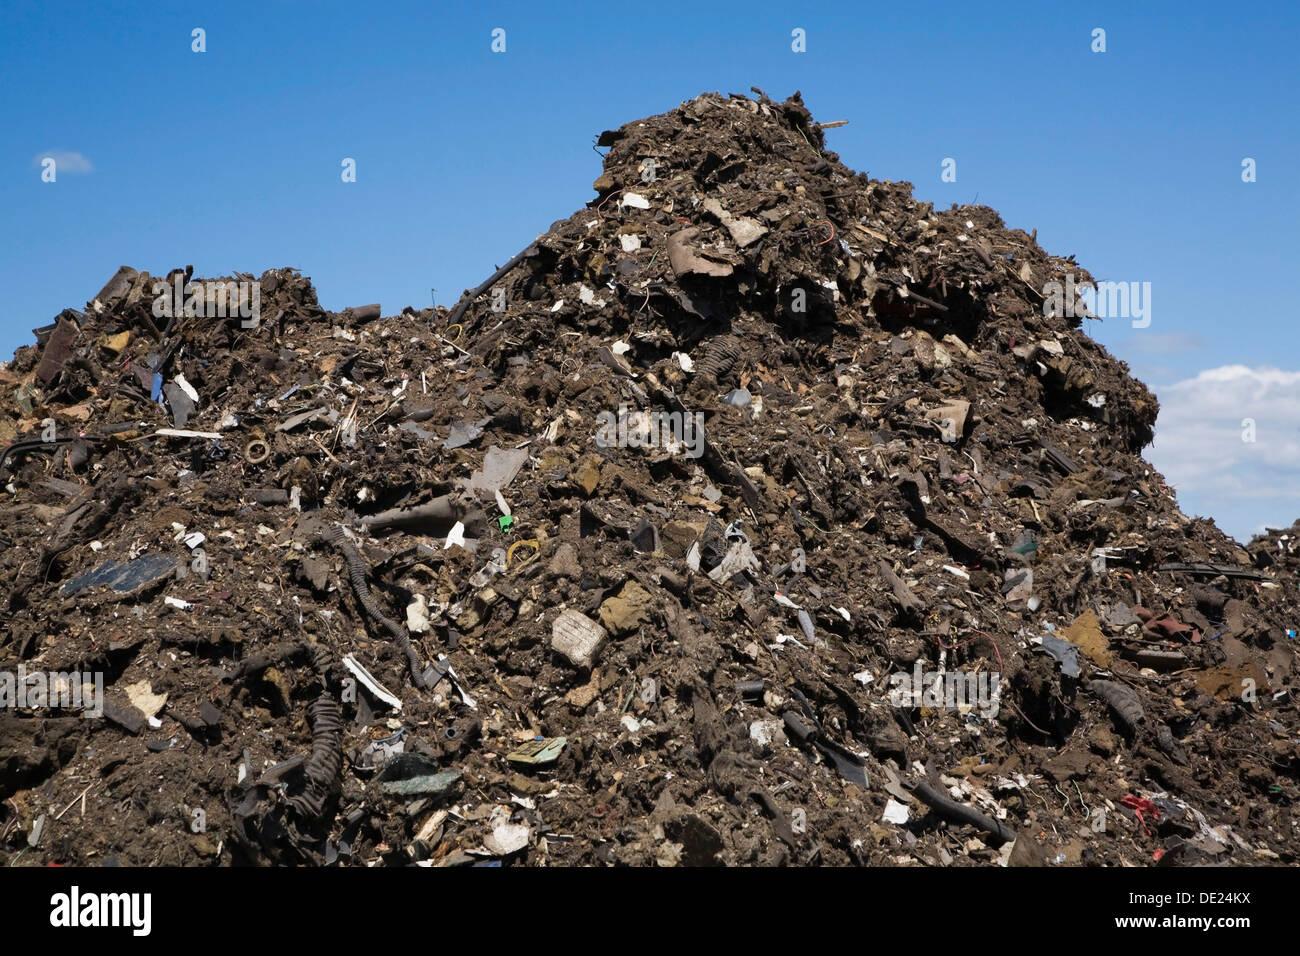 Montón de basura en la automoción descartado un sitio de gestión de residuos, Quebec, Canadá Imagen De Stock